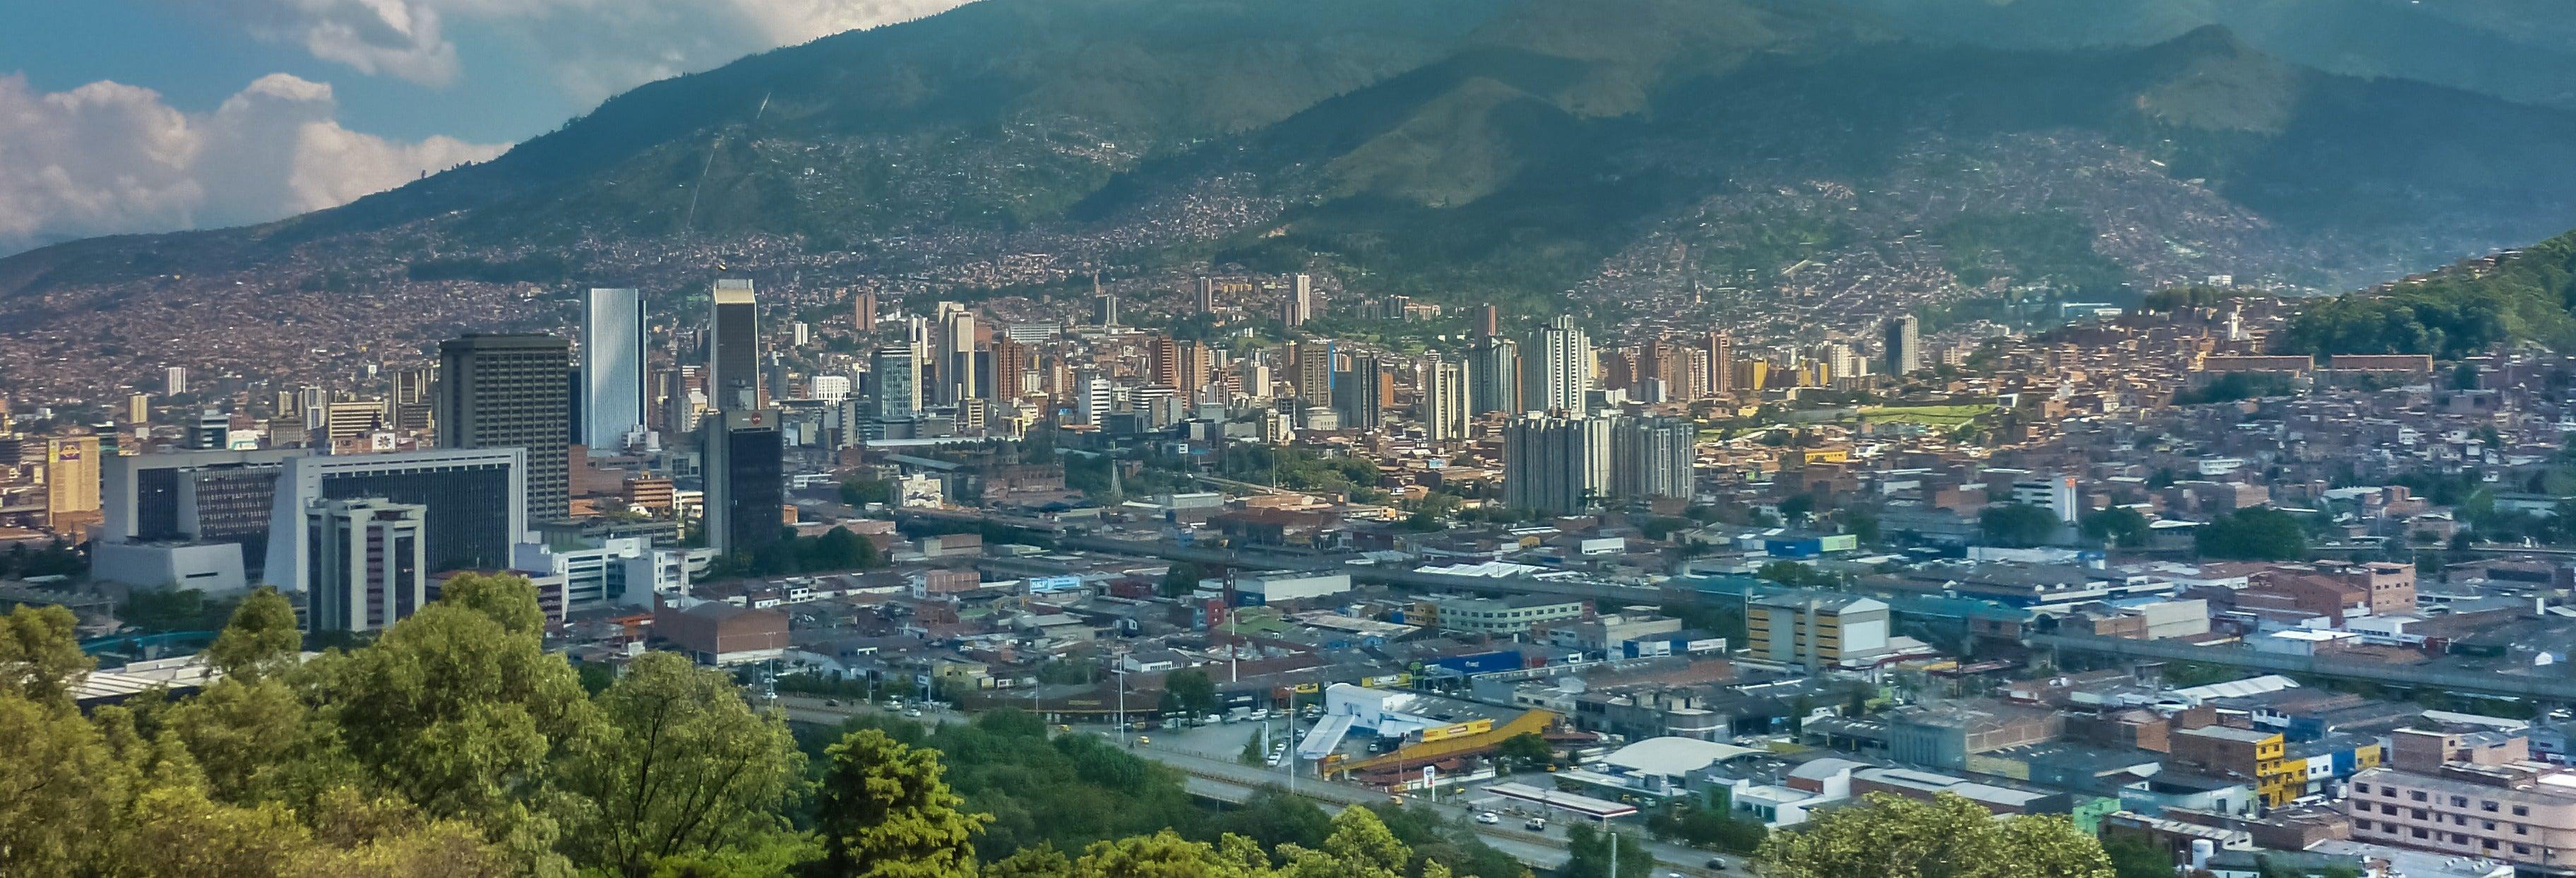 Tour en bicicleta por Medellín